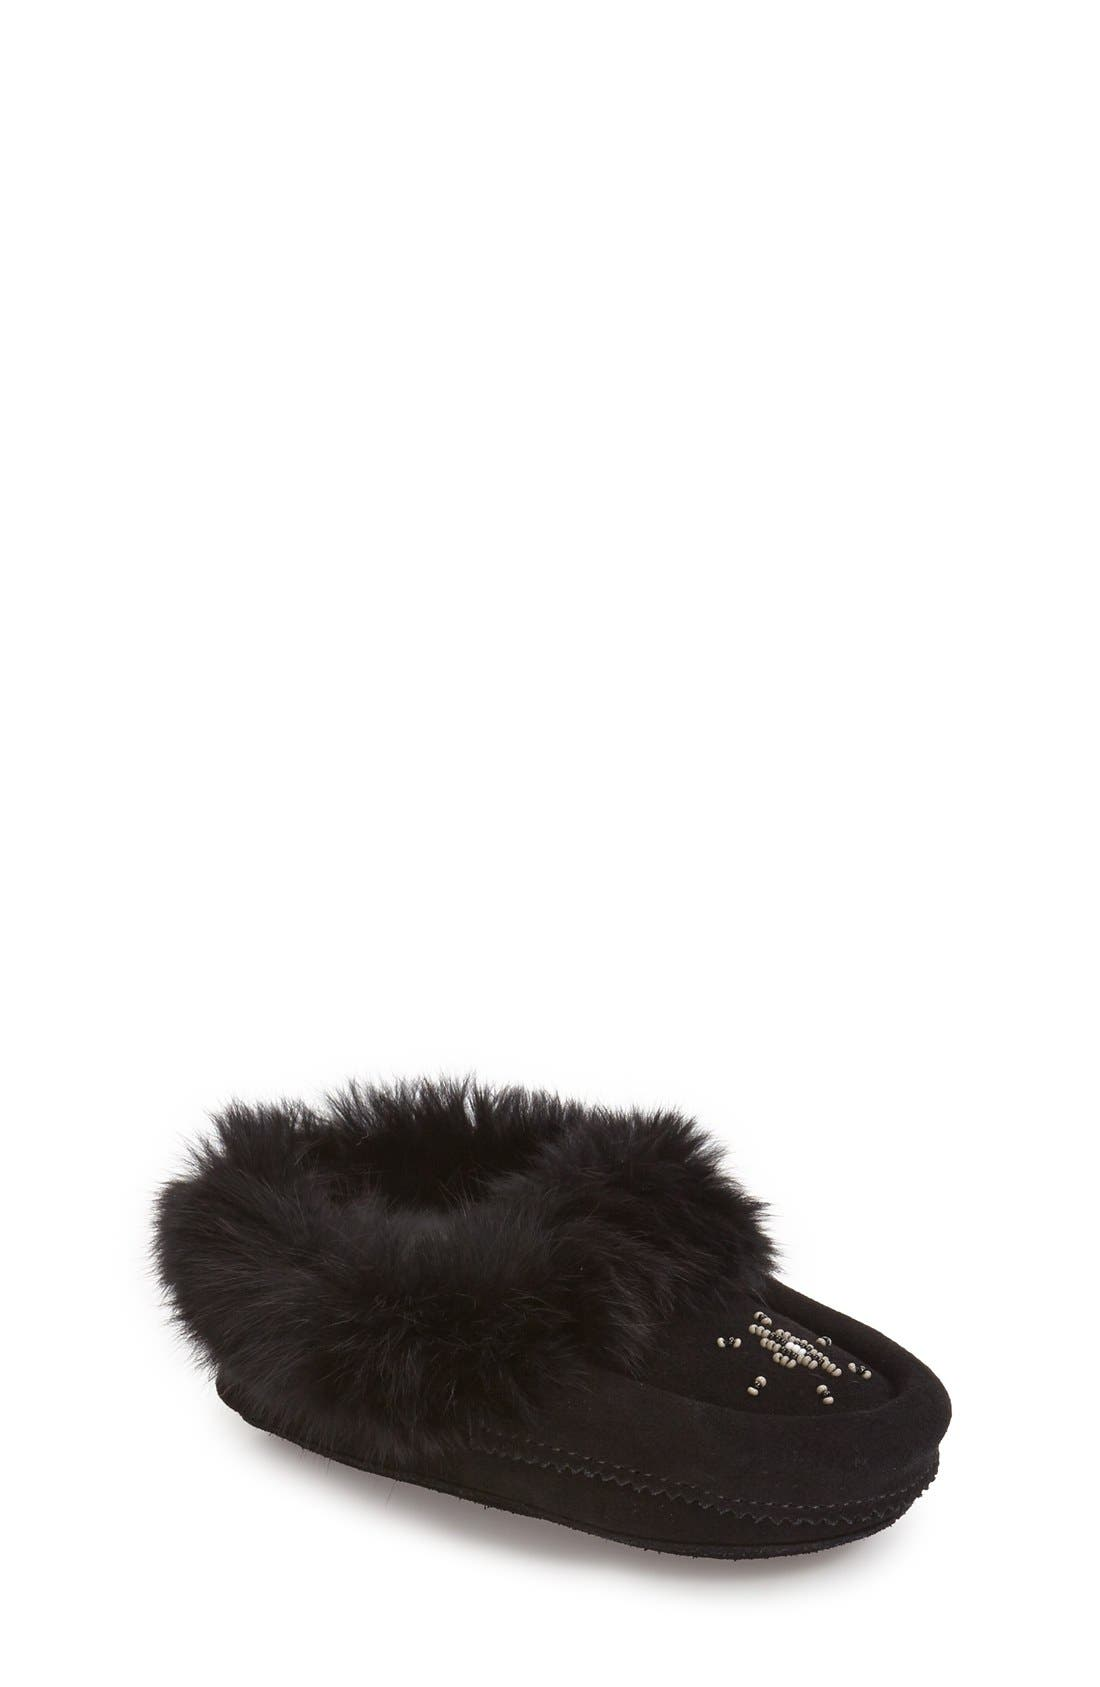 Genuine Rabbit Fur Moccasin,                         Main,                         color, BLACK SUEDE